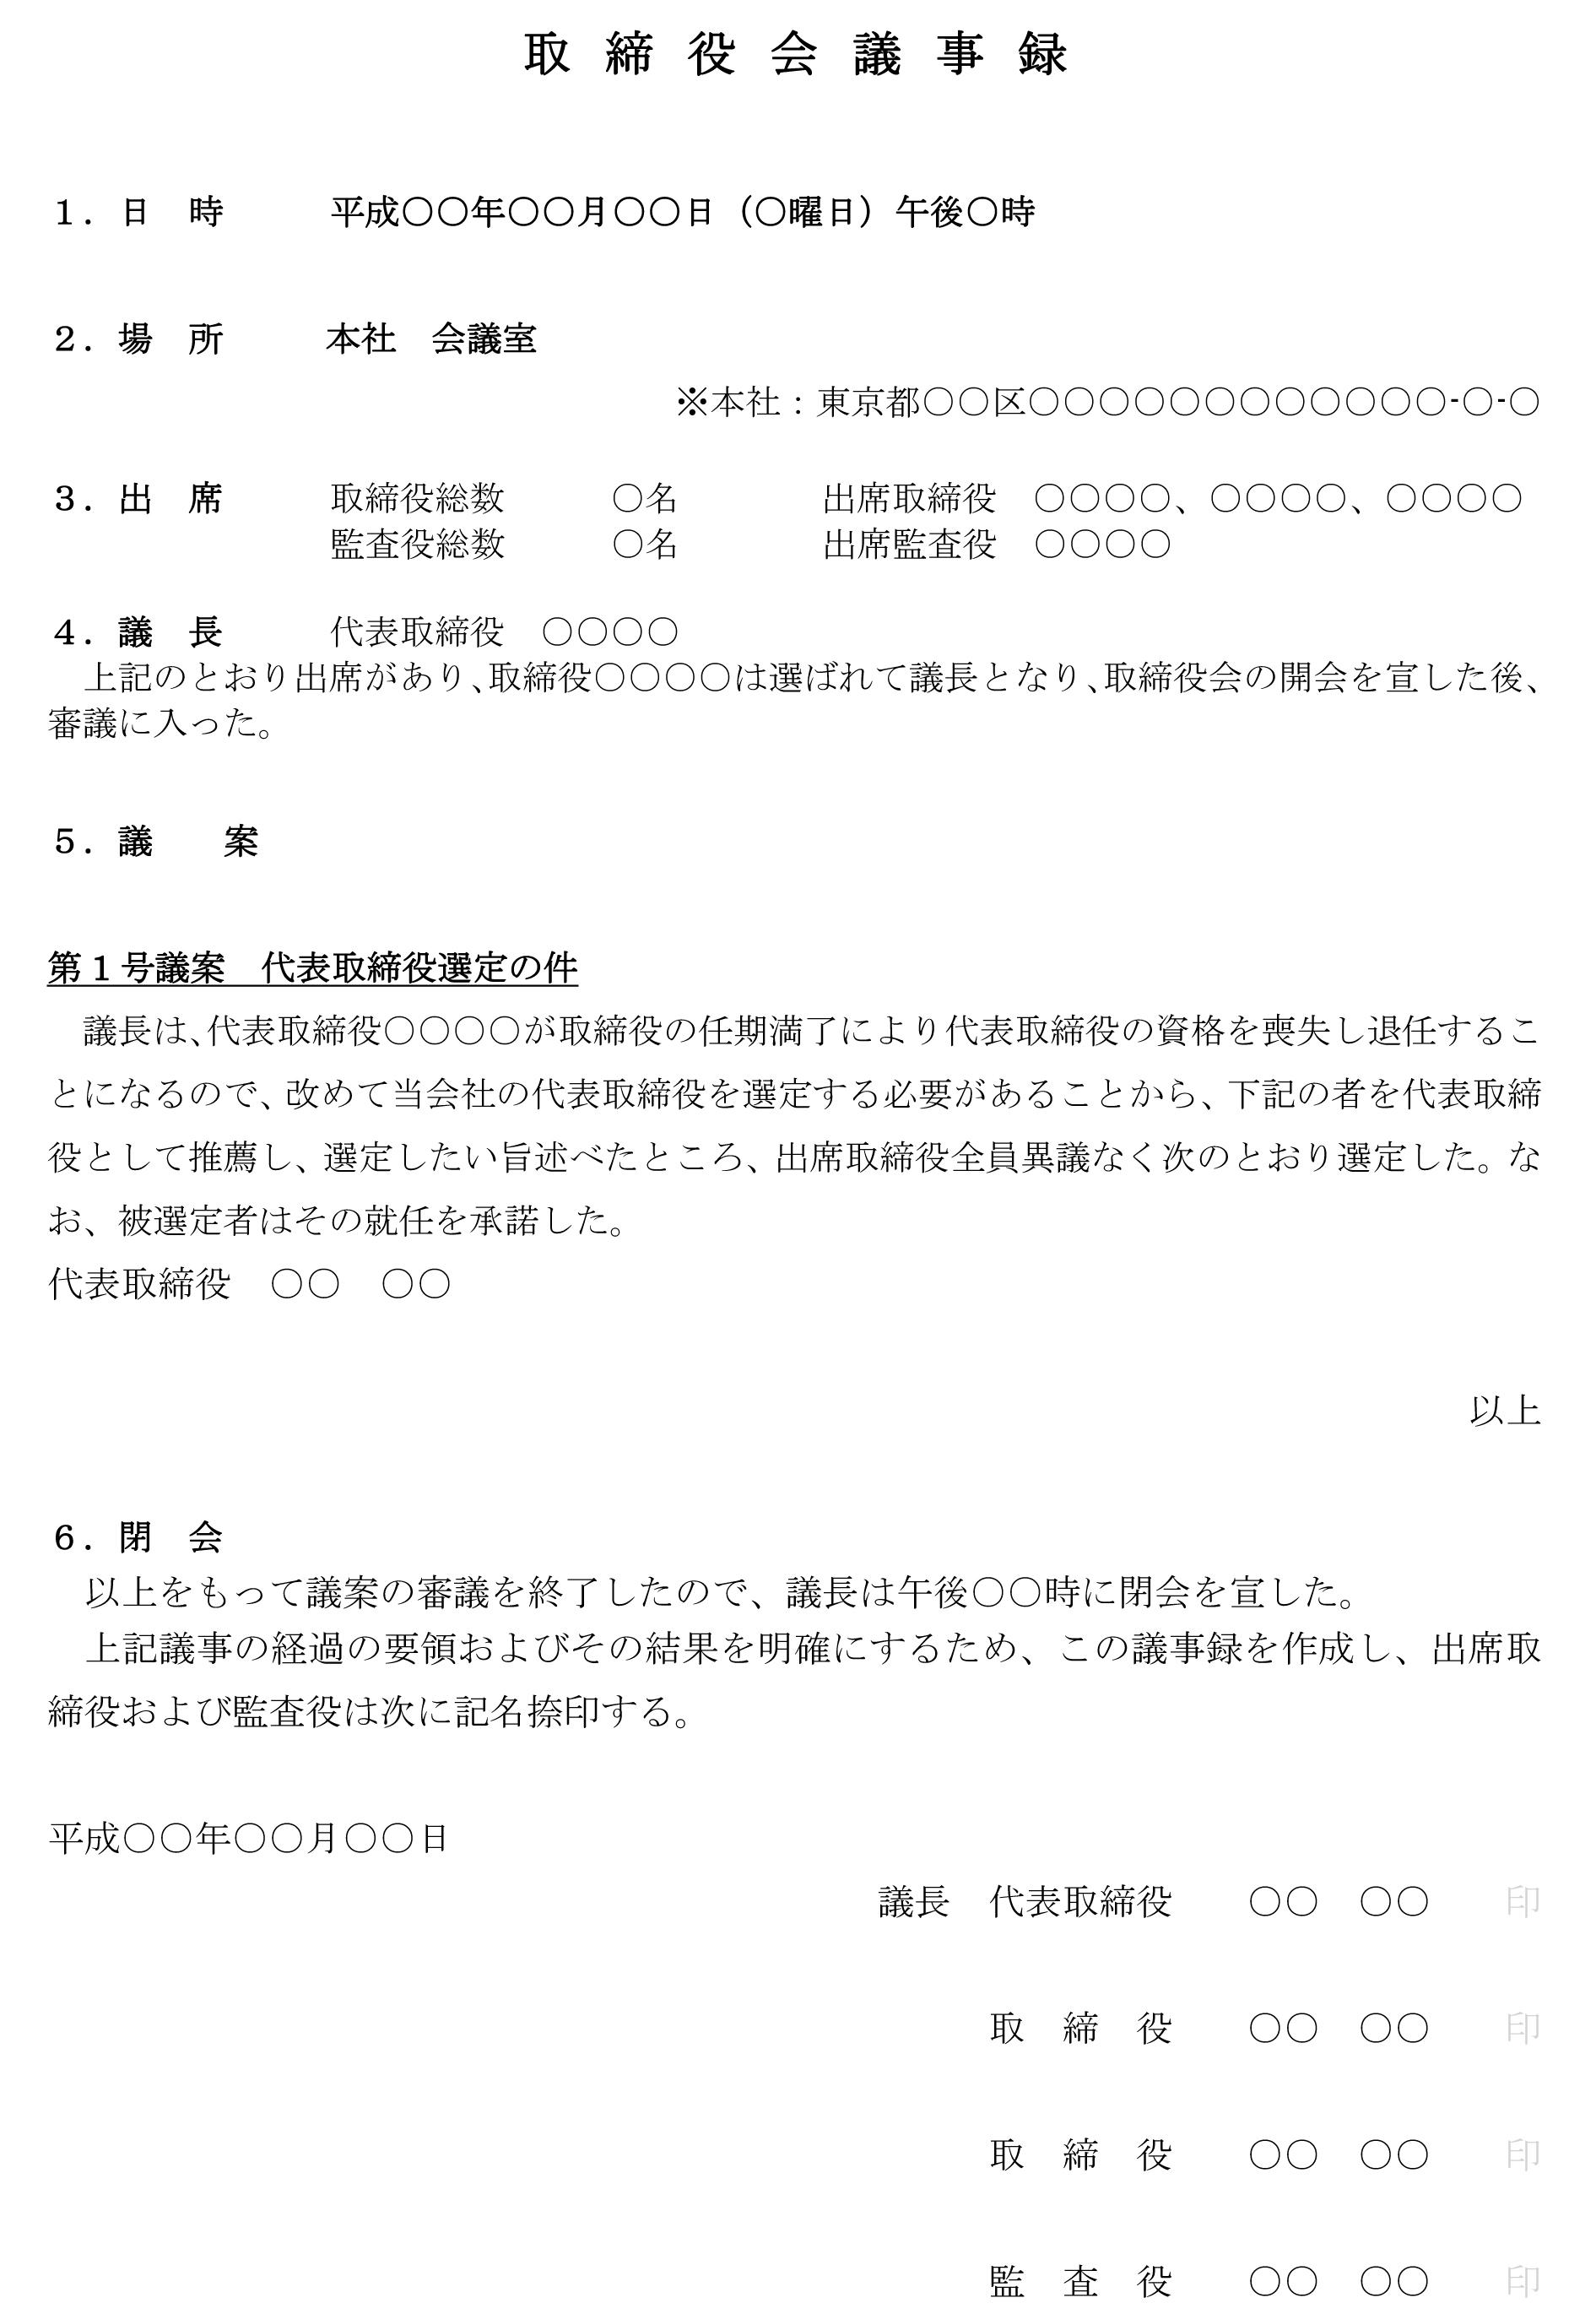 取締役会議事録(代表取締役選定)